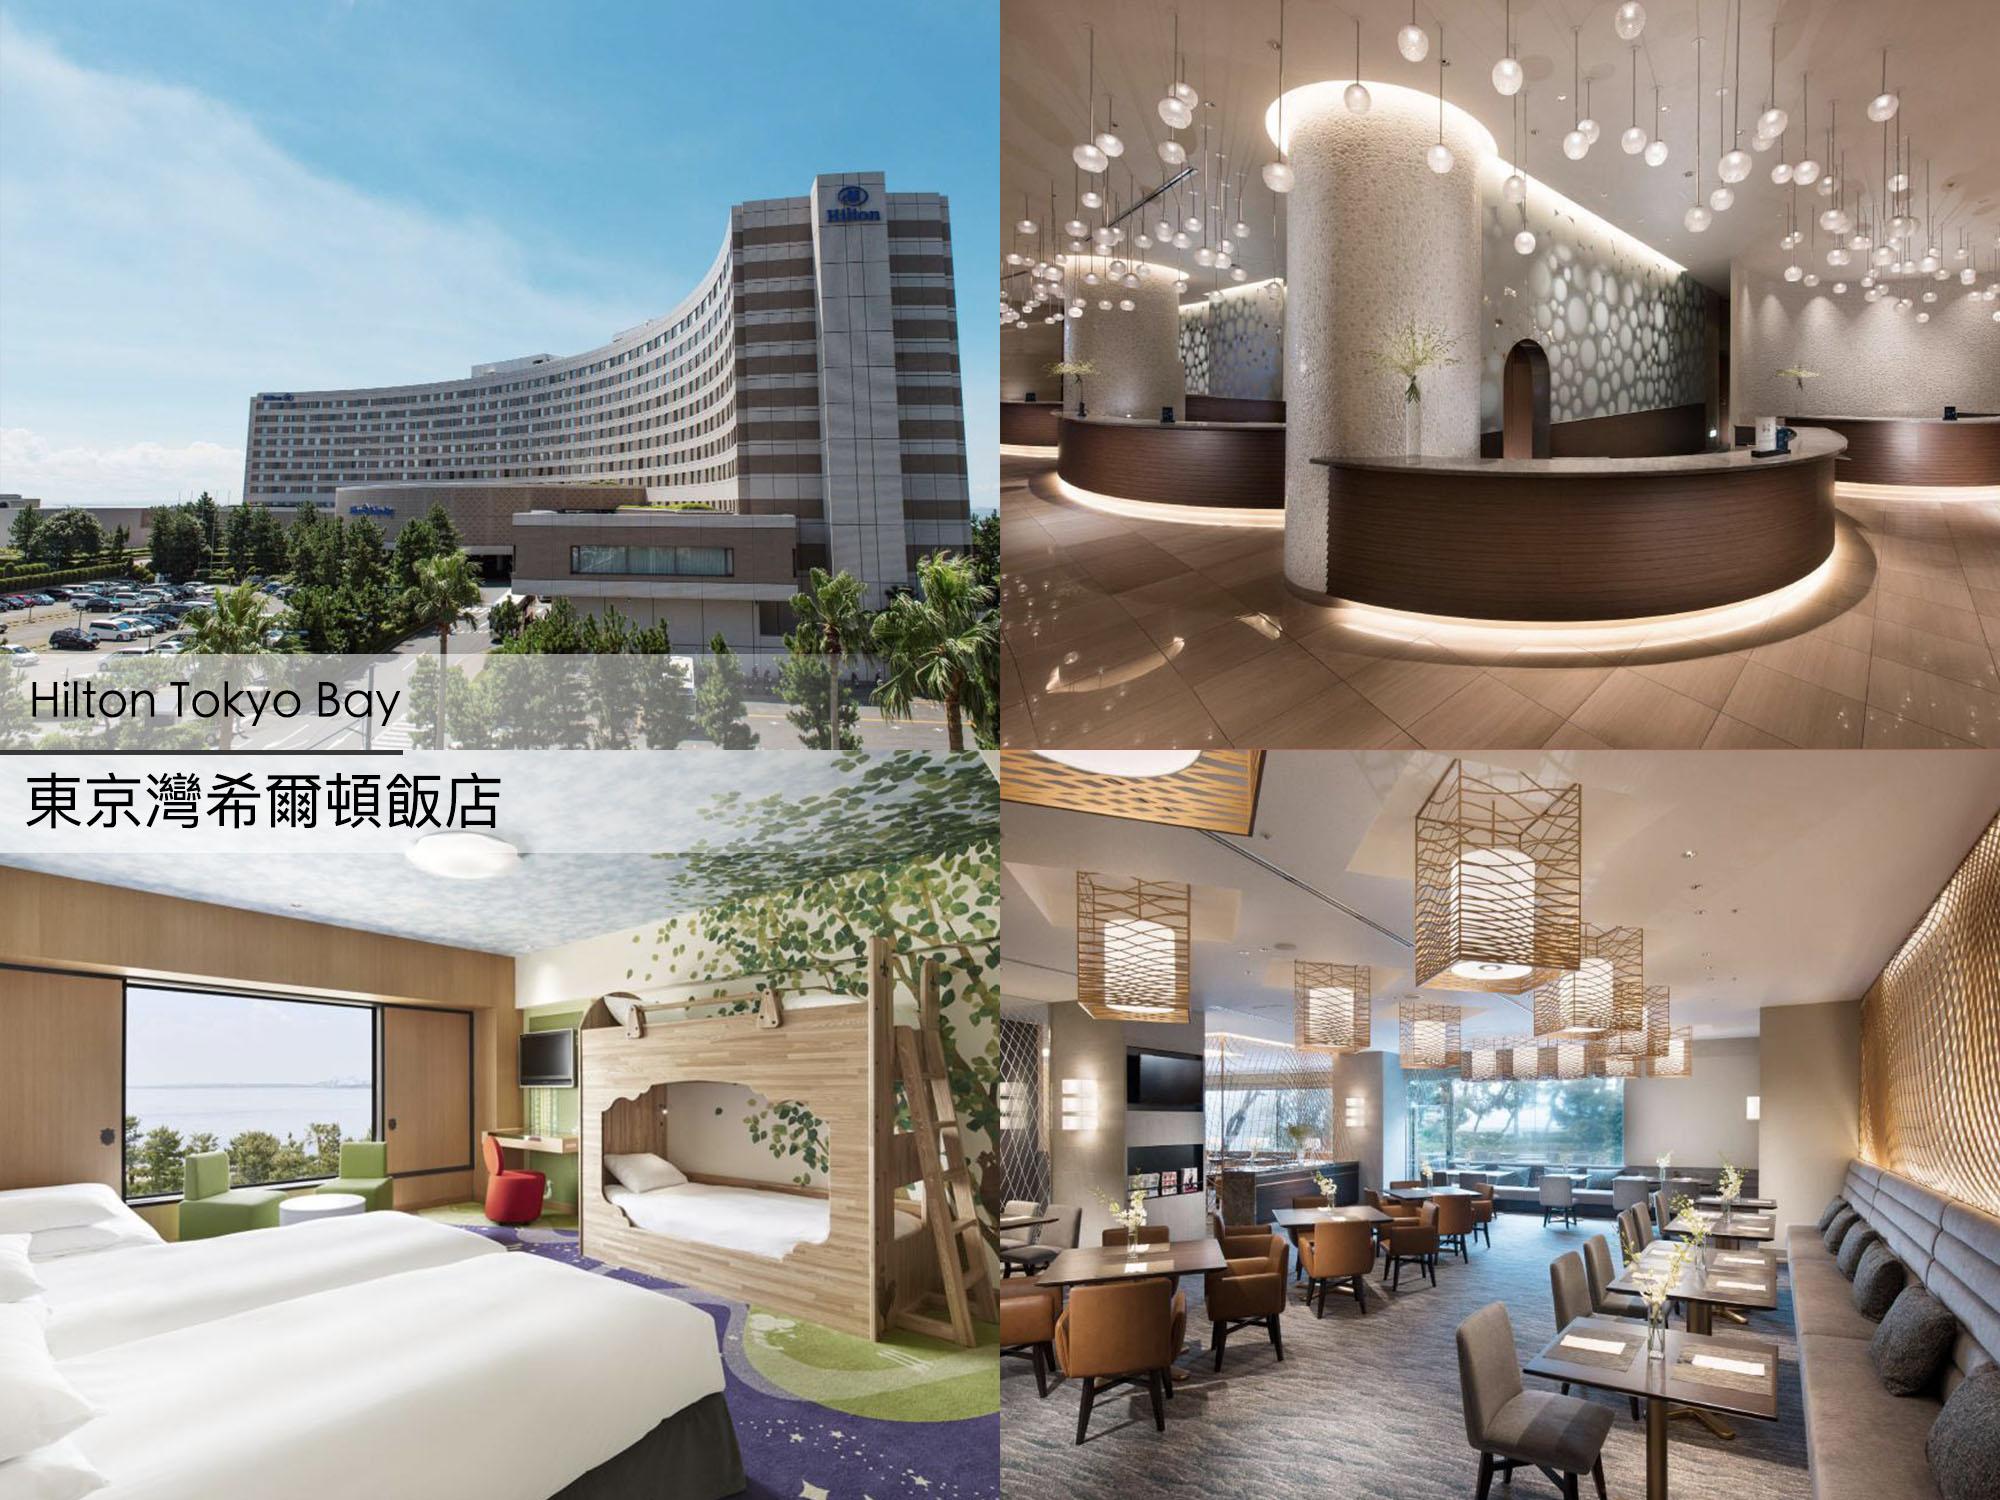 東京灣希爾頓飯店